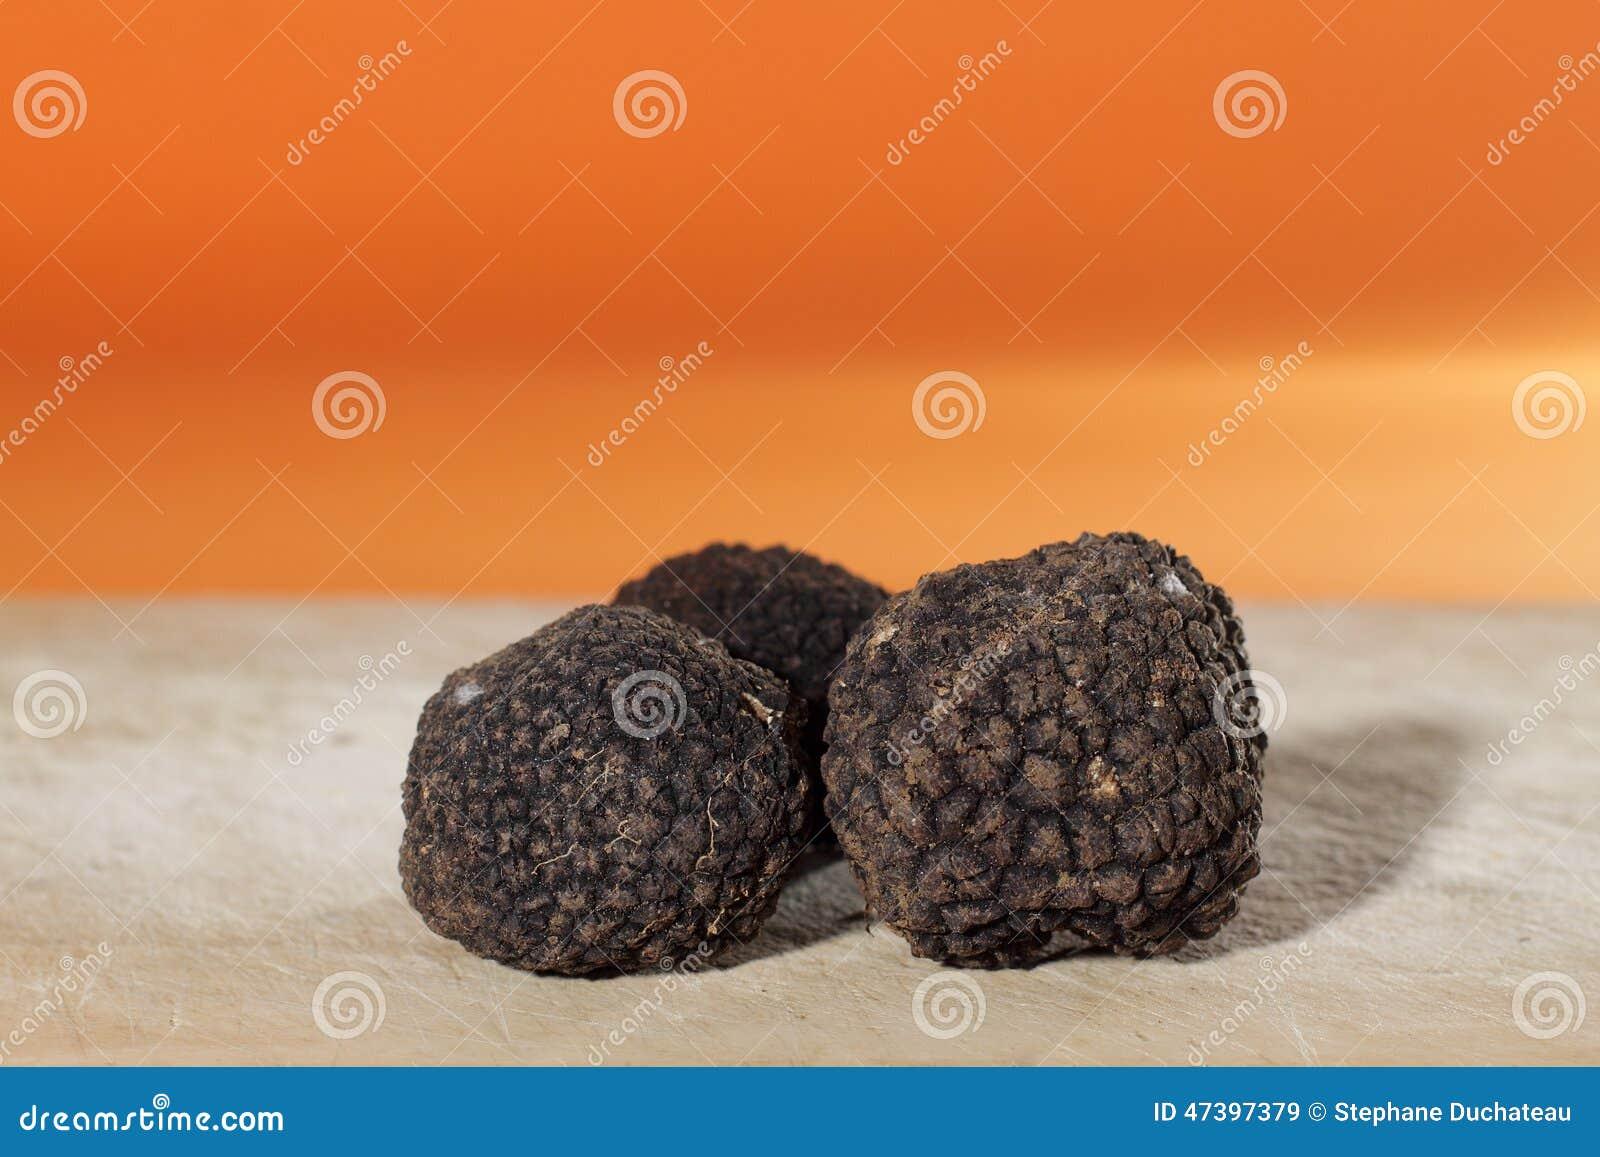 Höchst parfümiert von den Pilzen, die französische schwarze Trüffel